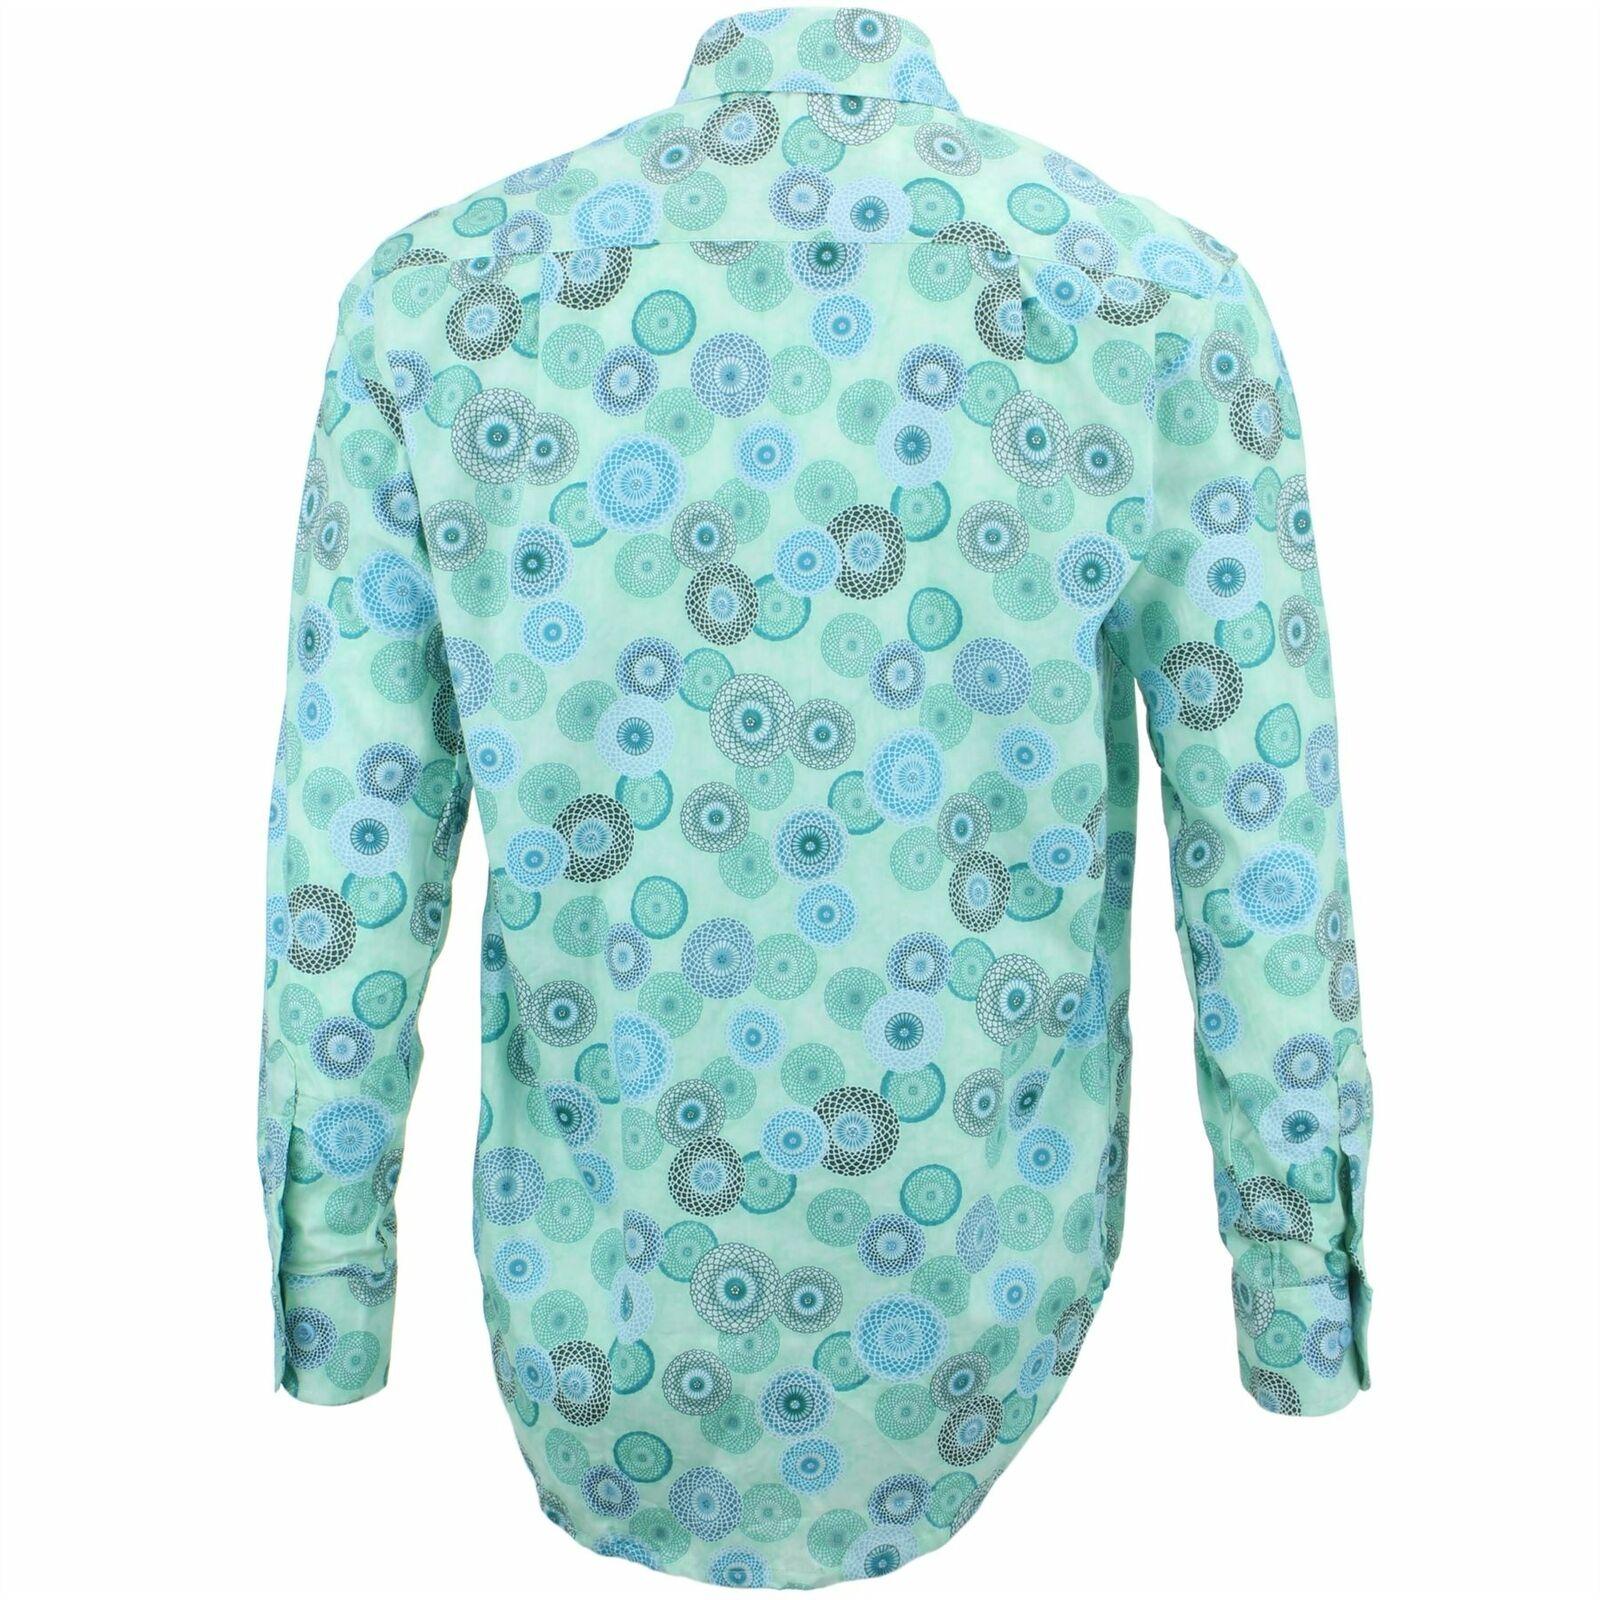 Camicia da Uomo Loud Originals Regular Geometrico Geometrico Geometrico verde Rétro Psichedelico a2c583